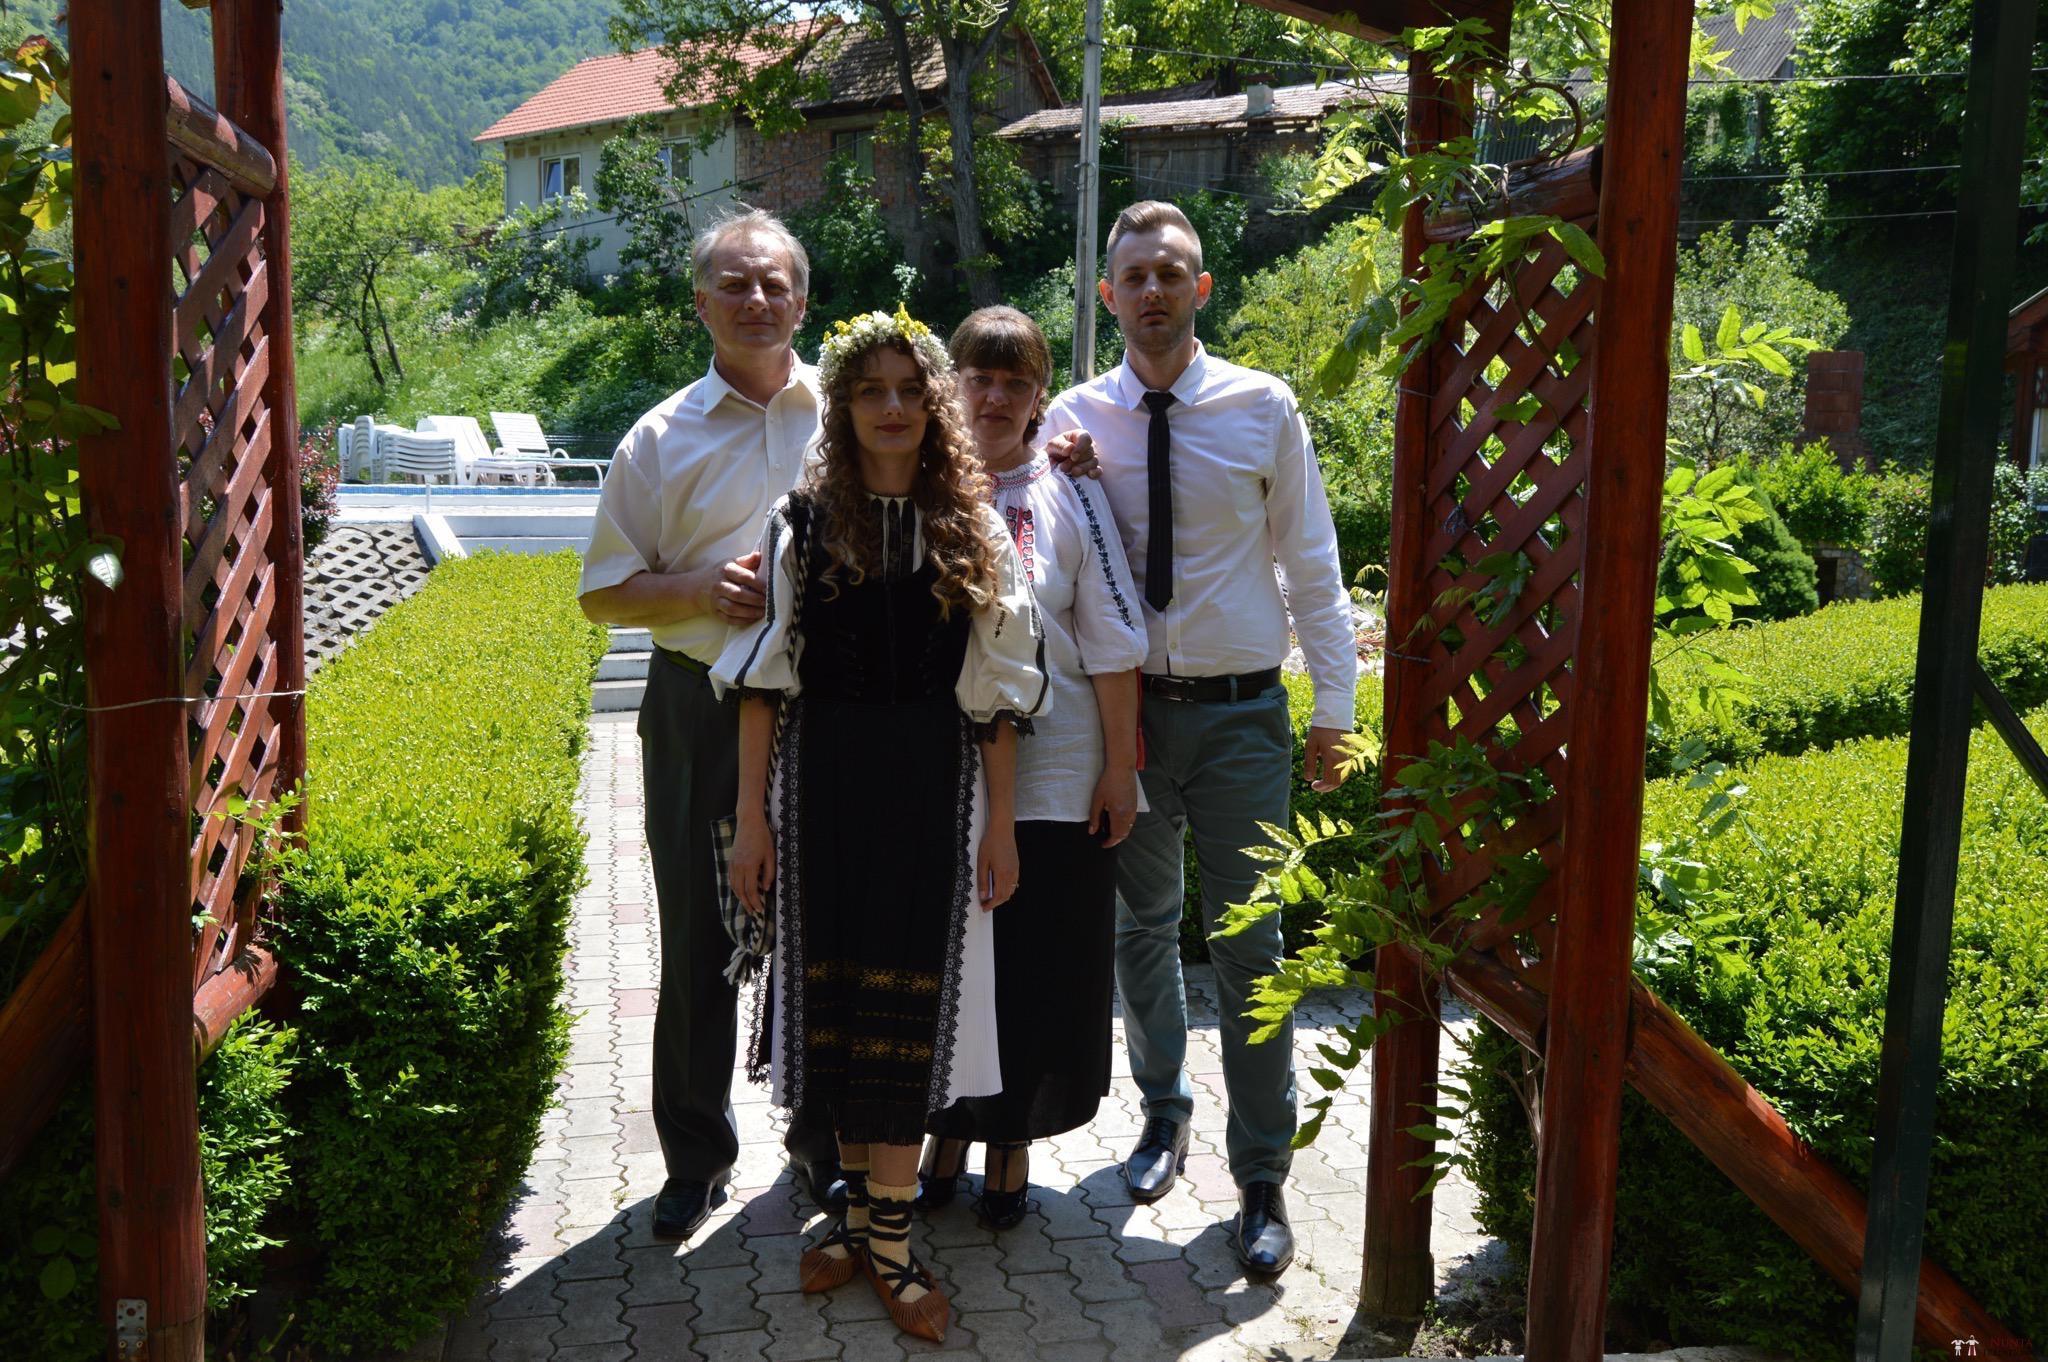 Povești Nunți Tradiționale - Constantin și Simona-Marilena. Nuntă tradițională în Căpâlna, Alba 17